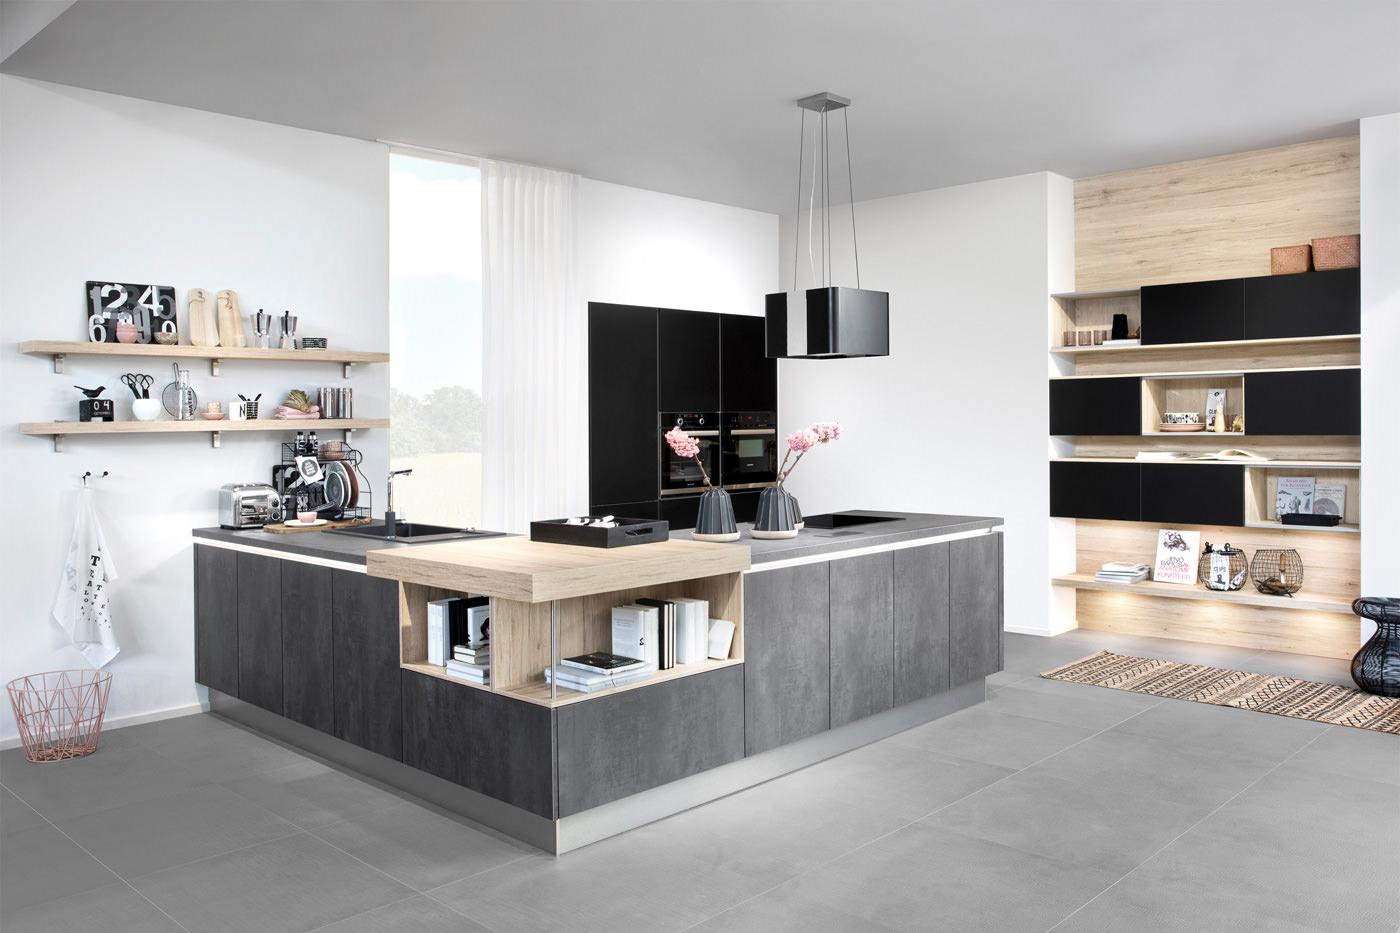 Awesome Häcker Küchen Bewertung Photos - New Home Design 2018 ...